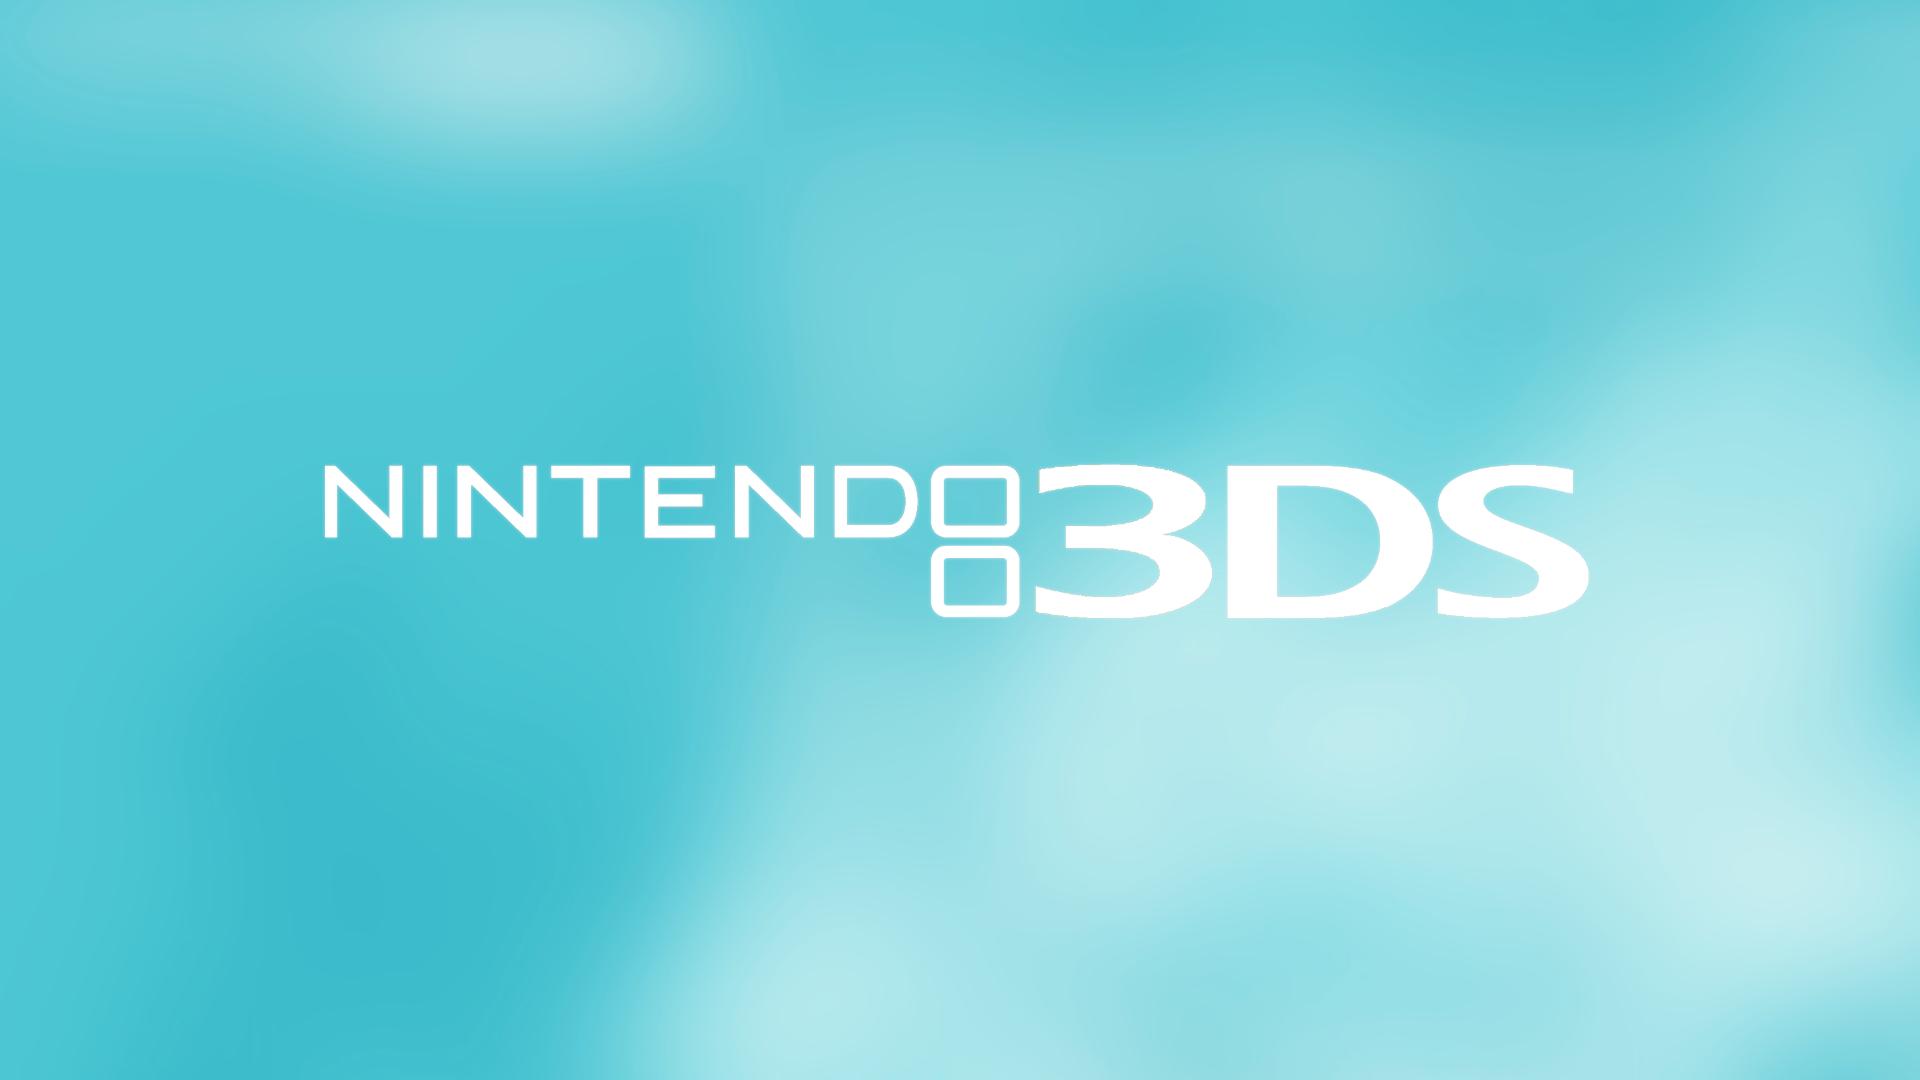 Nintendo 3ds Fond Décran Hd Arrière Plan 1920x1080 Id665084